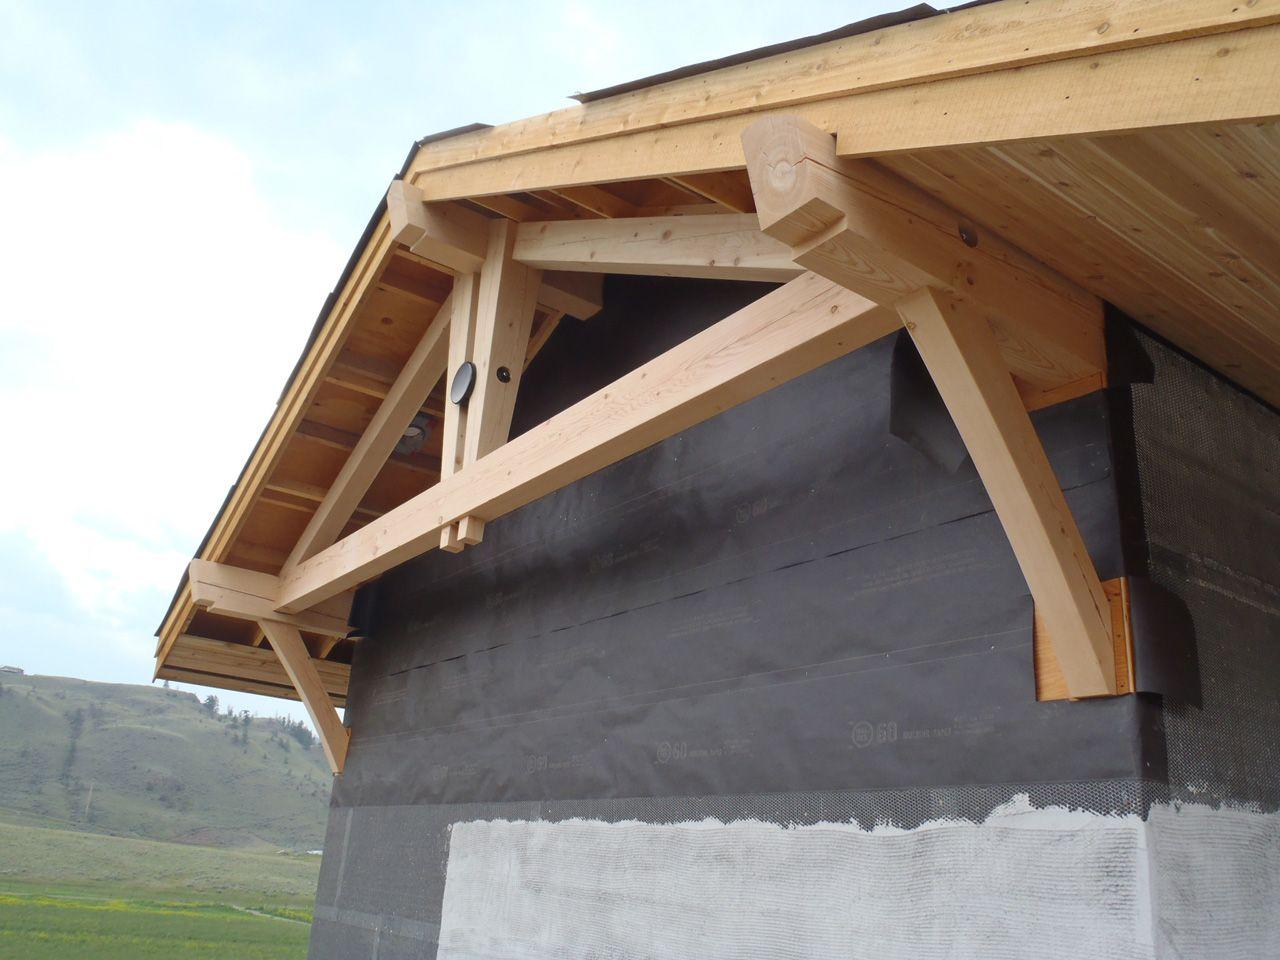 Timber Frame Gable End Detail